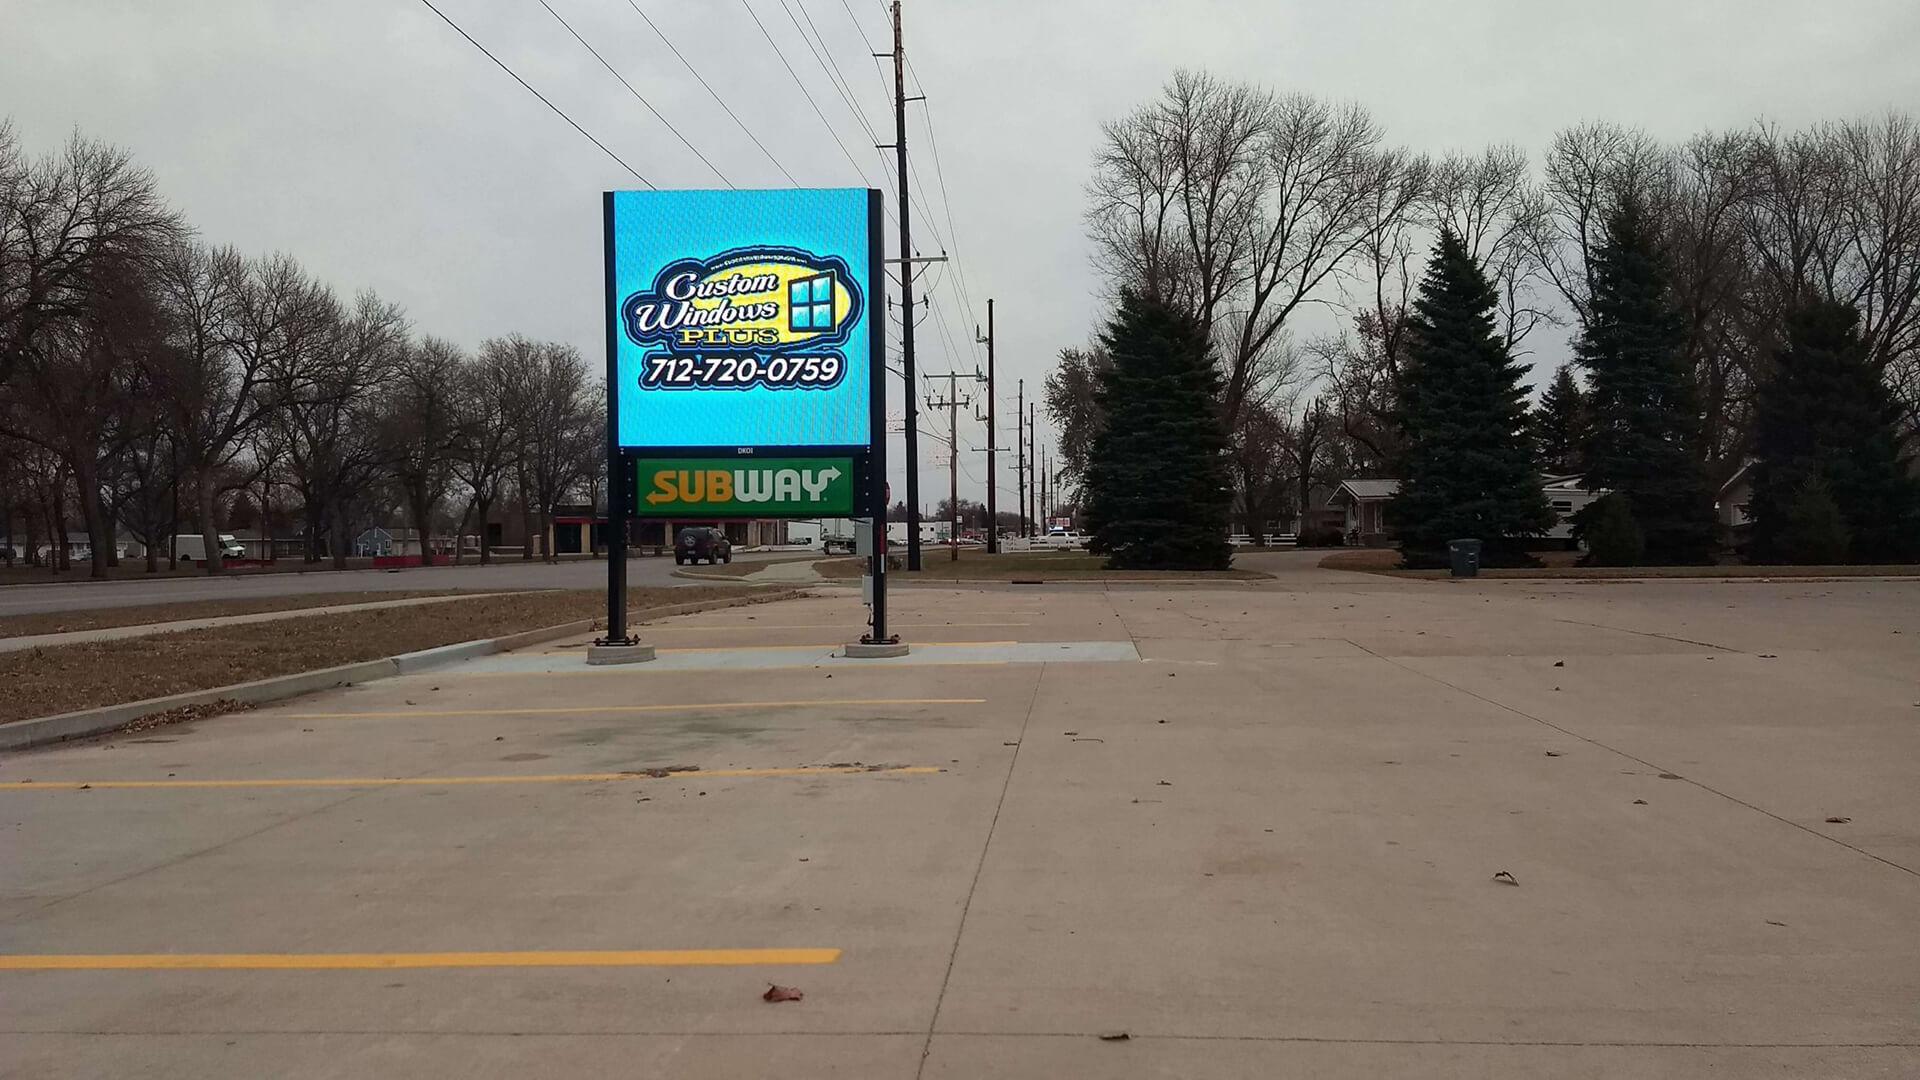 Rock Valley, Iowa - 8' x '8' Double Sided Billboard